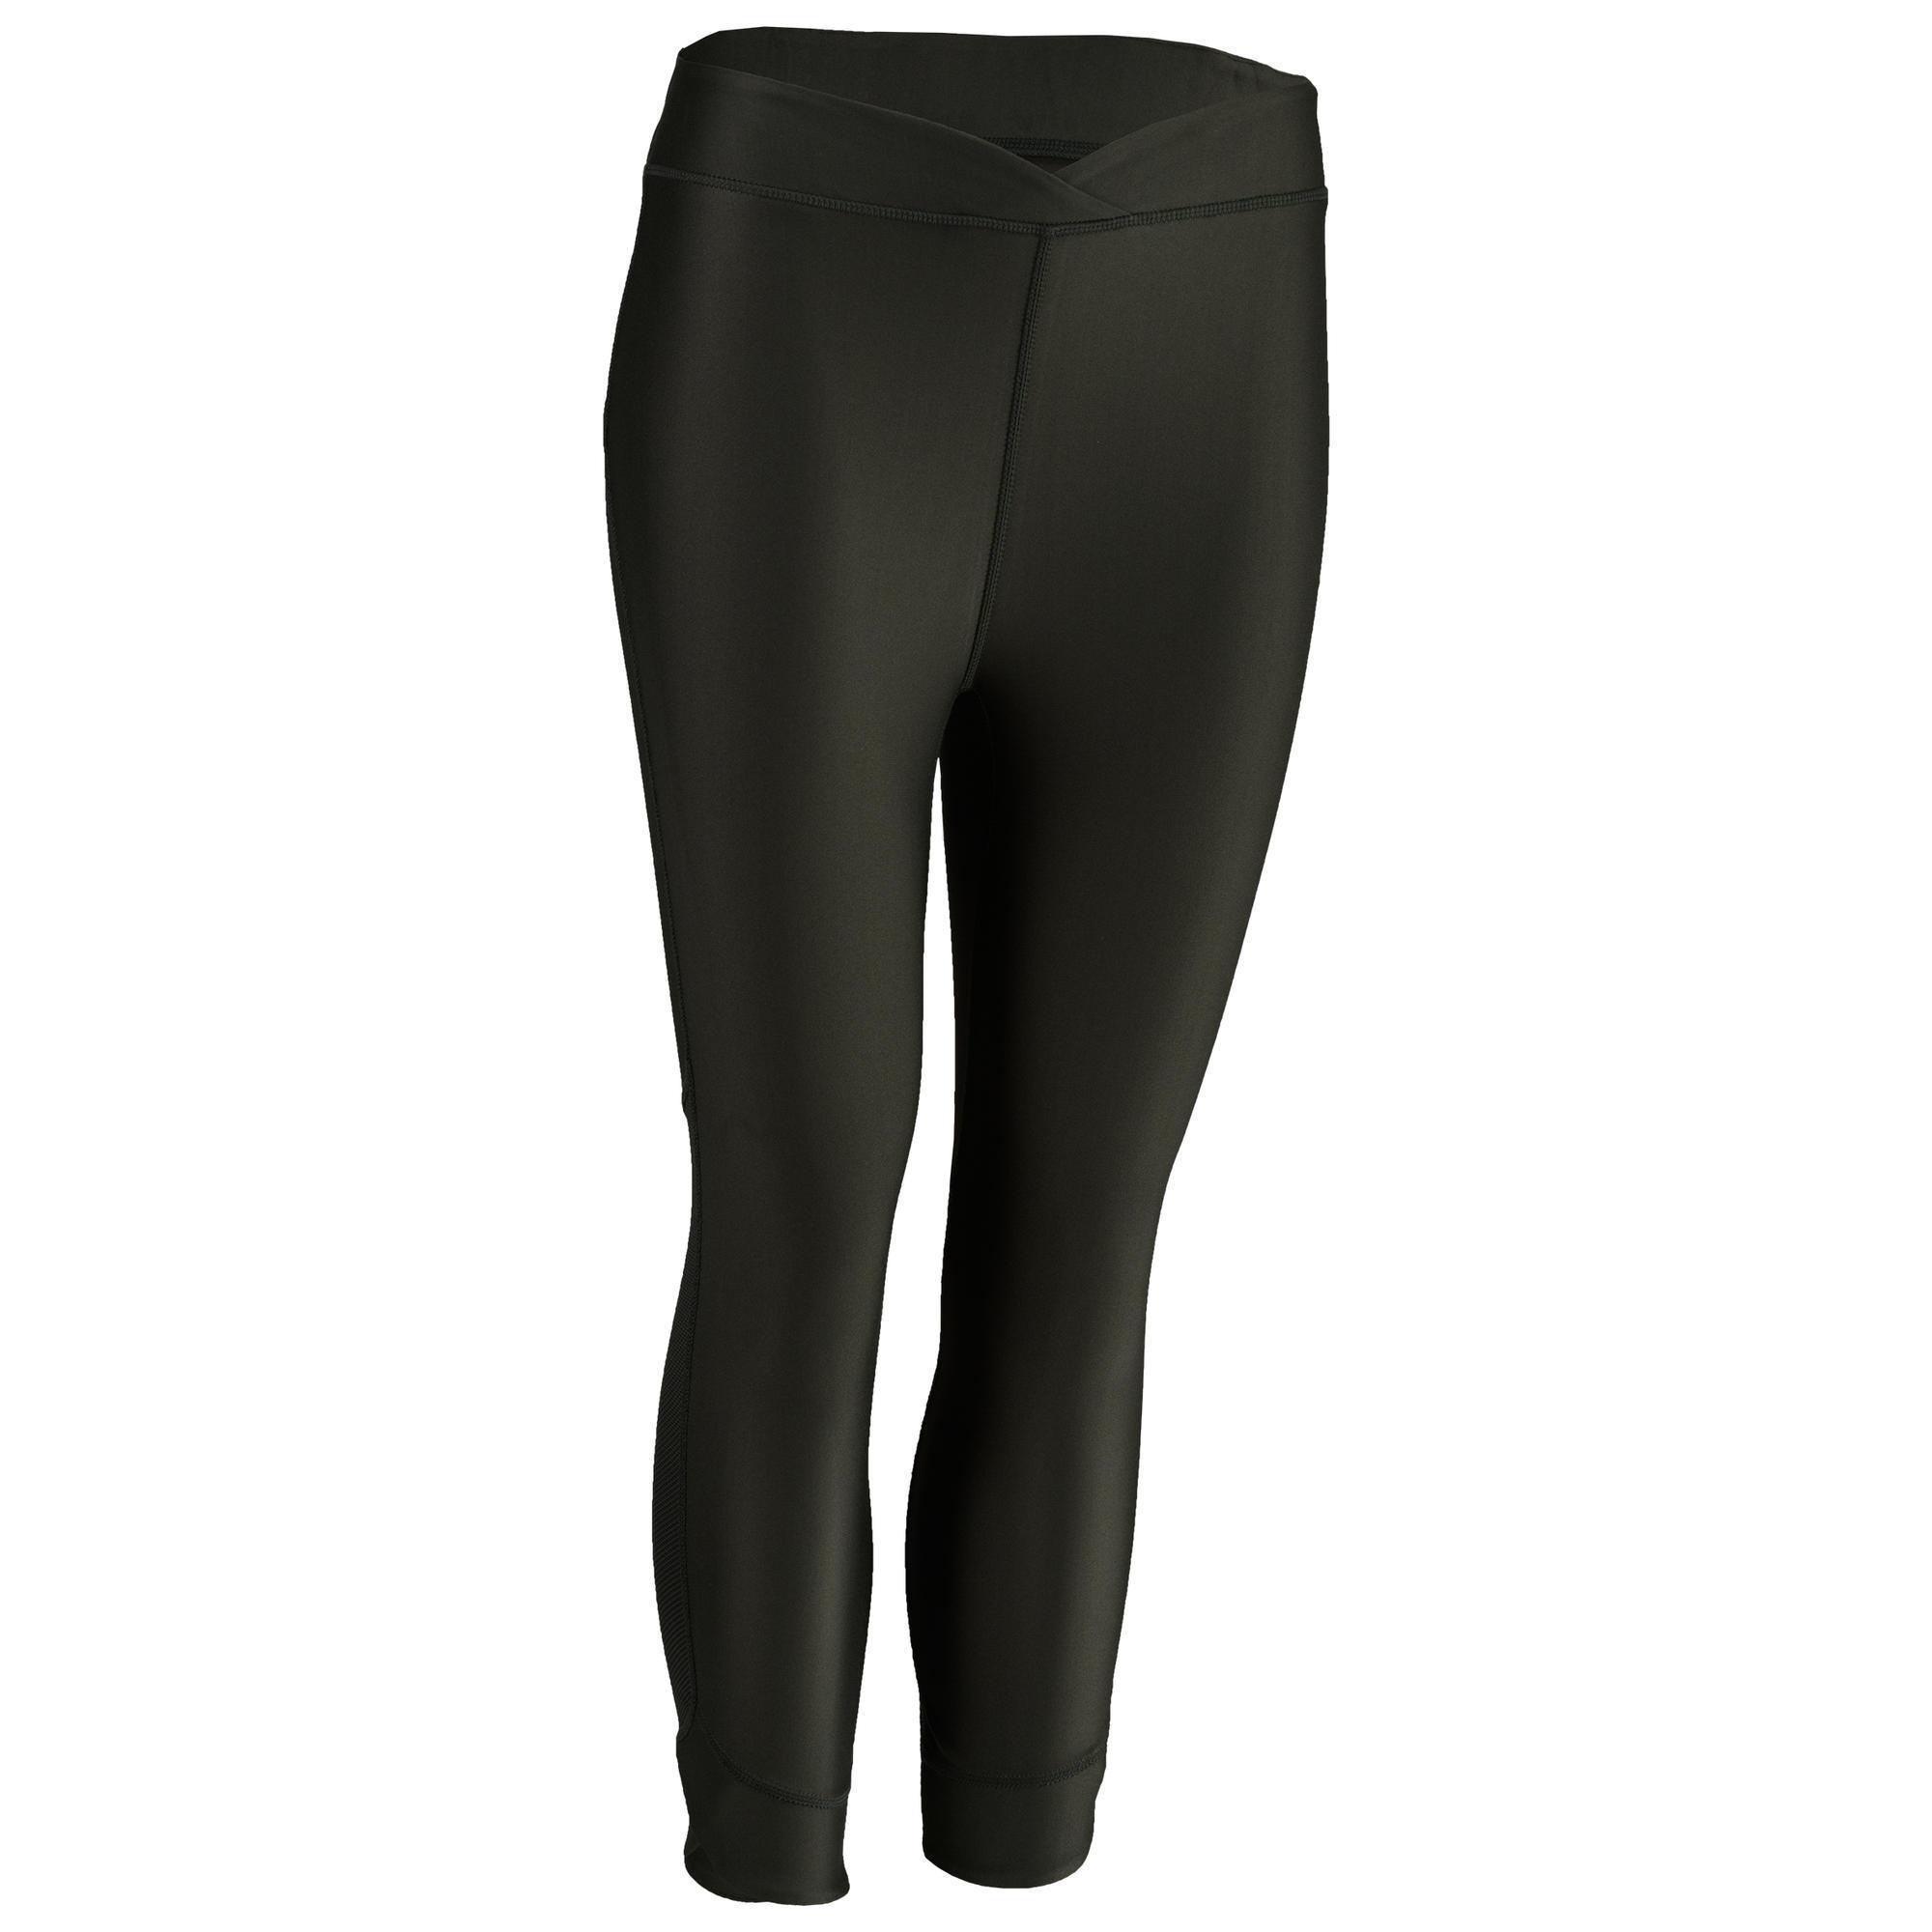 Domyos Fitness legging 520 voor dames 7/8